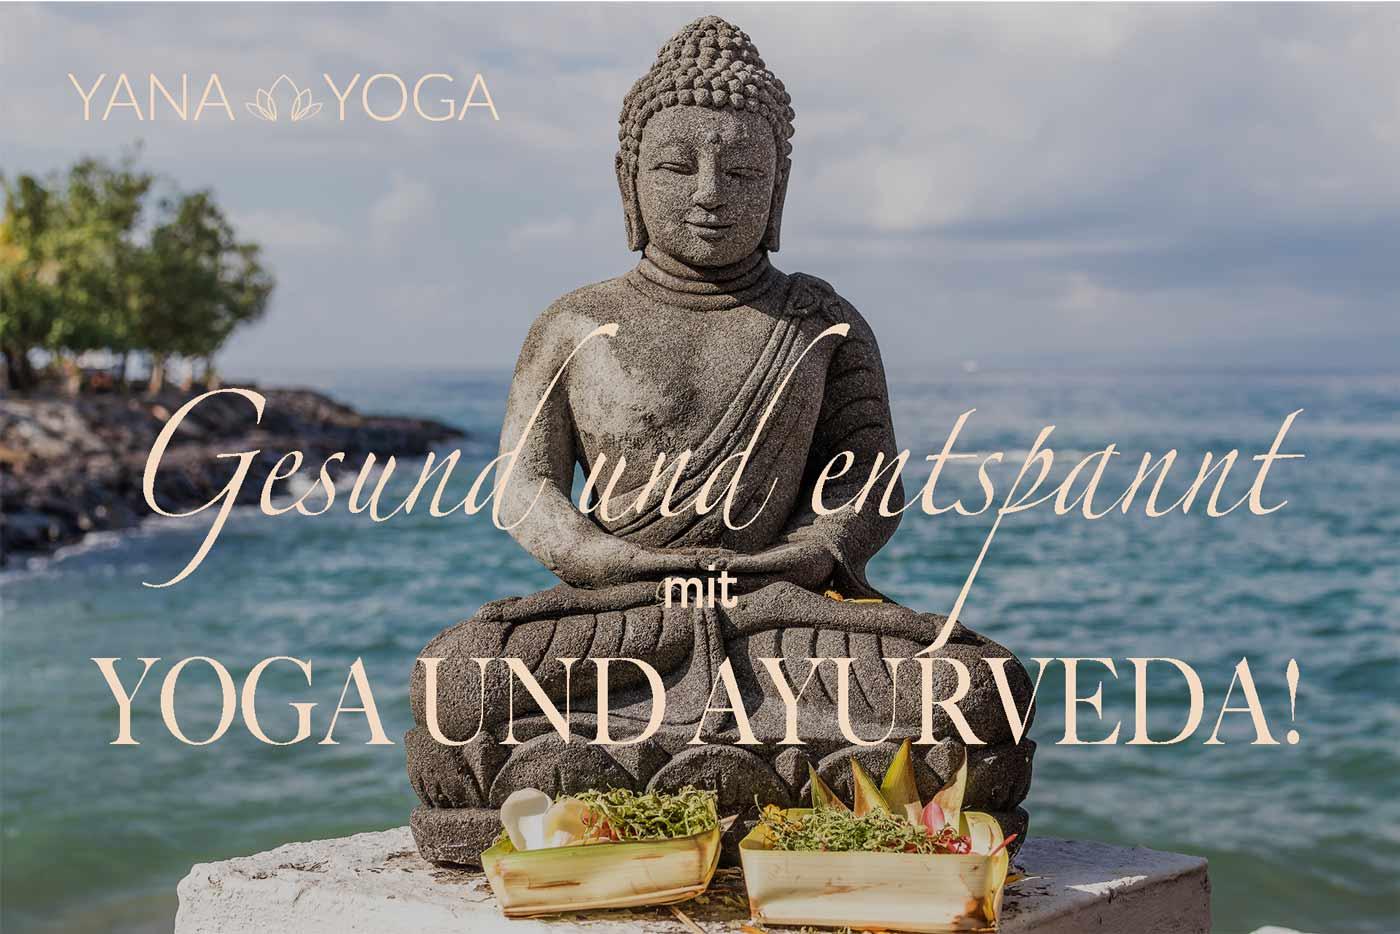 Gesund-mit-yoga